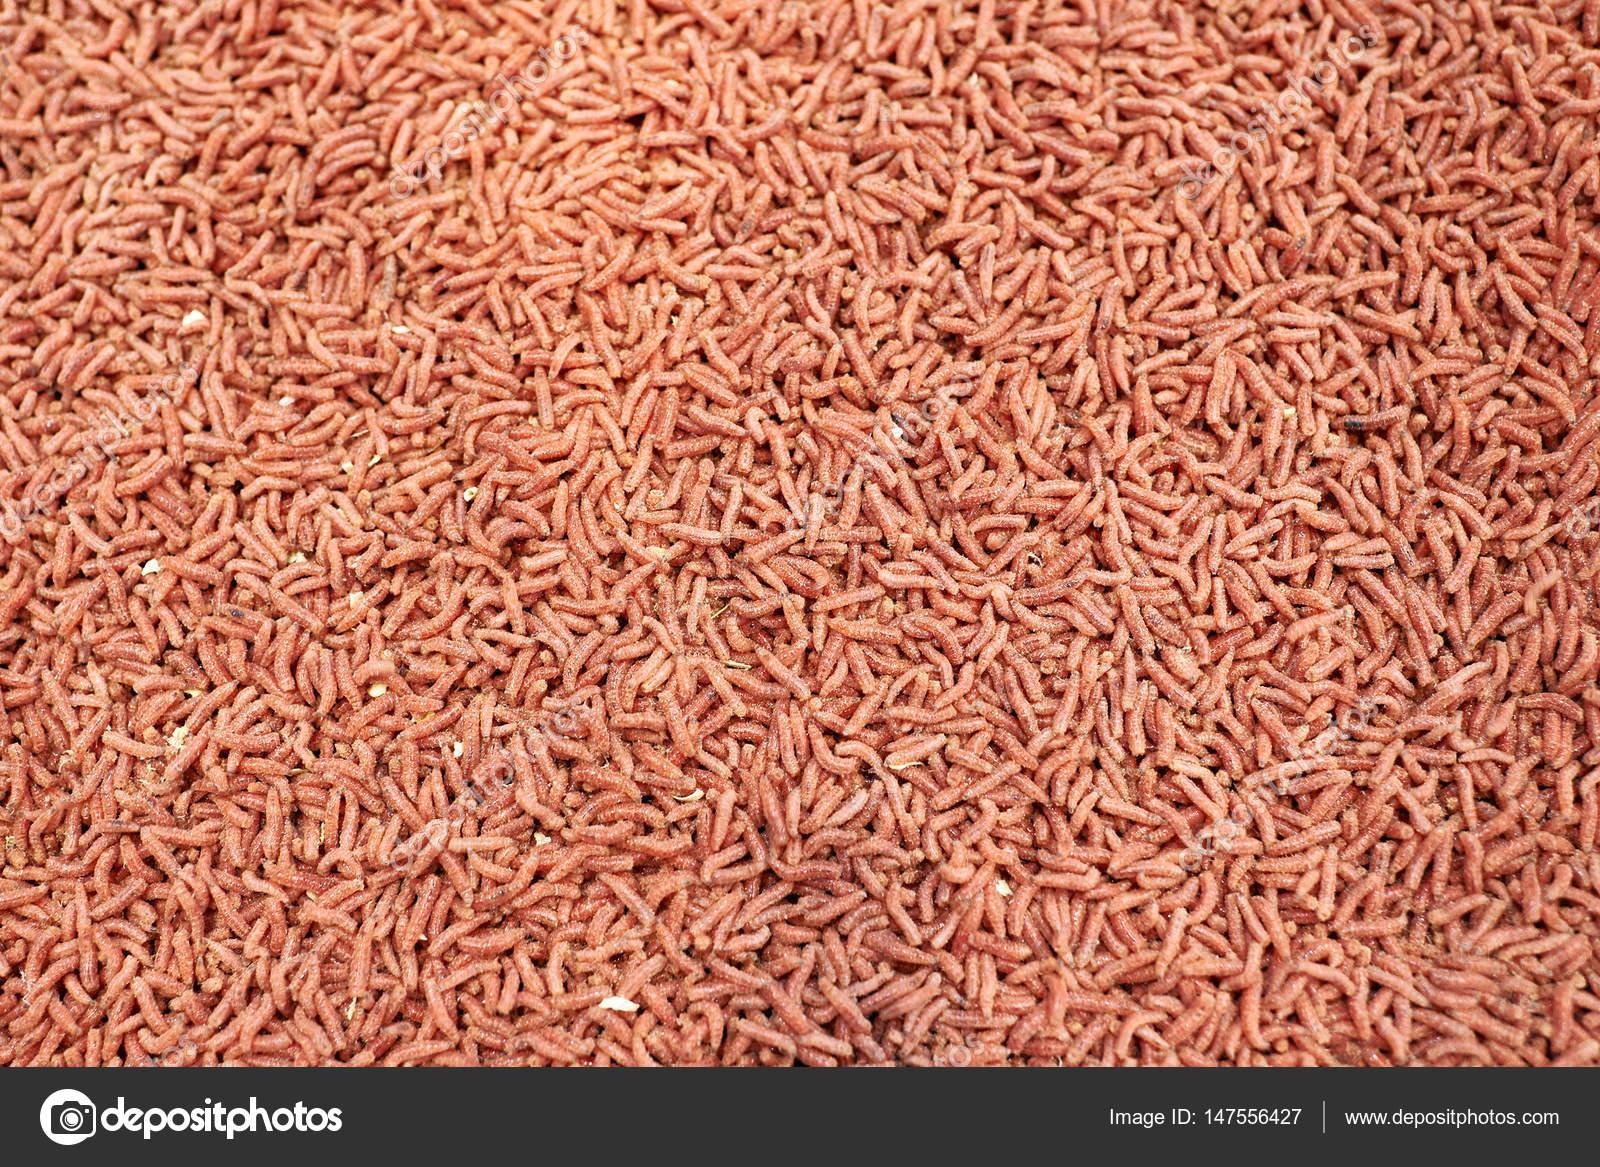 Красный личинка червя Прикормка для рыбалки — Стоковое фото ...